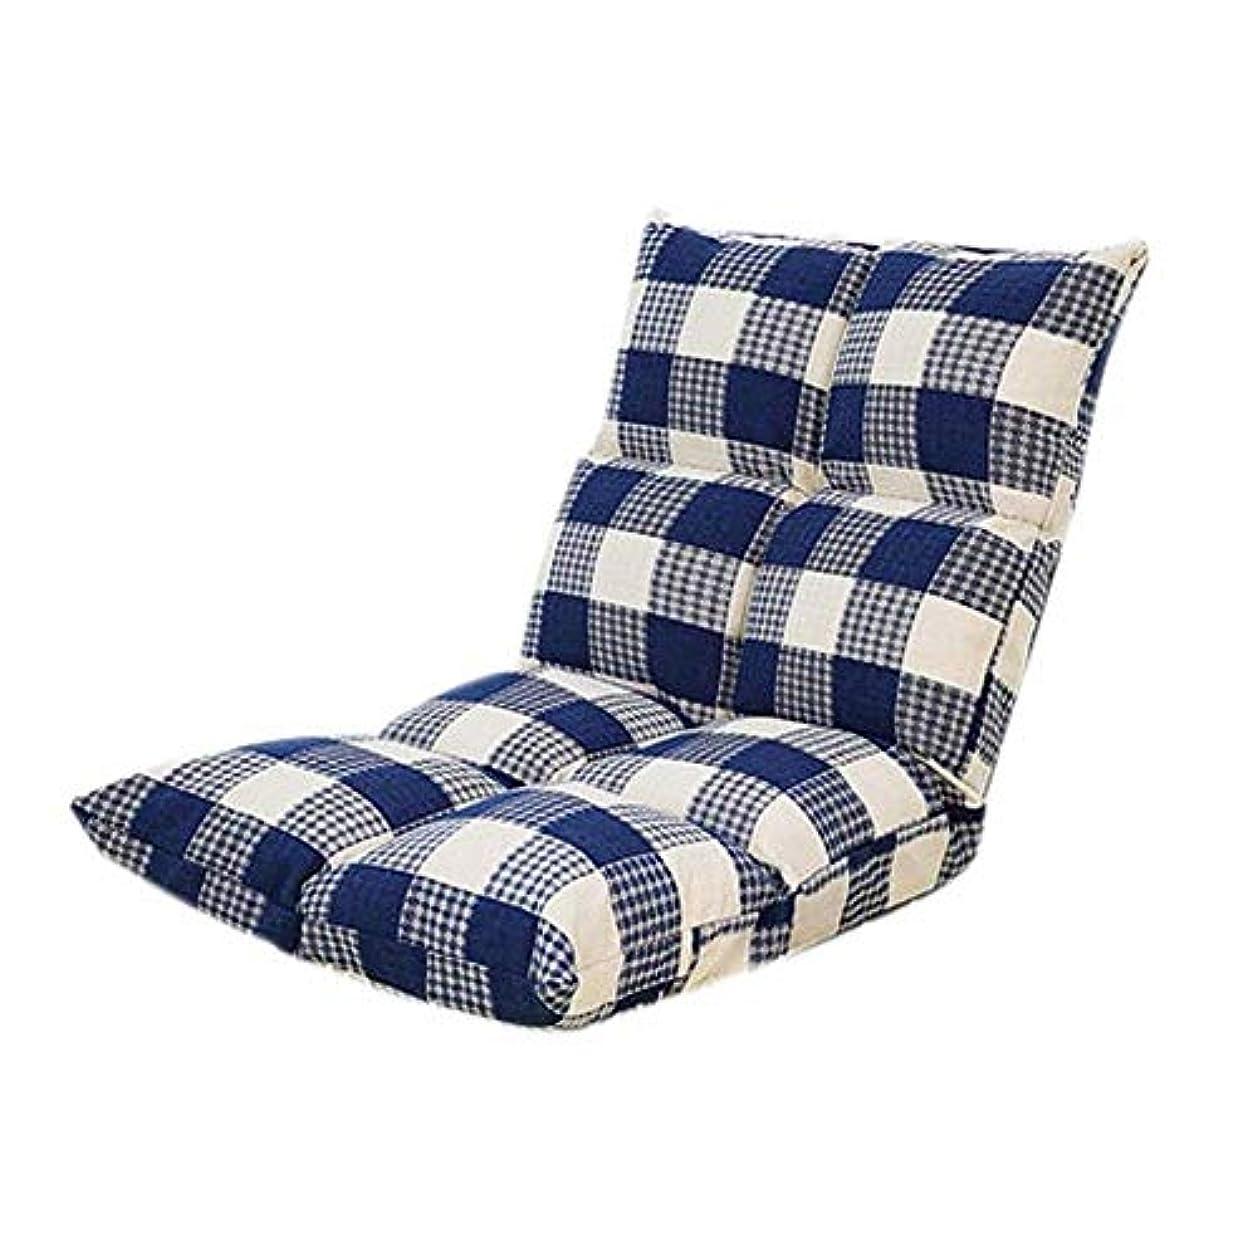 擁するマイナスアッティカス怠zyなフロアチェア、畳クッション、シングルメディテーションチェア、背もたれ一体型フロアクッション、折りたたみ式厚手バルコニー和風、調節可能な椅子怠Adjustなソファゲームチェア (Color : 青)